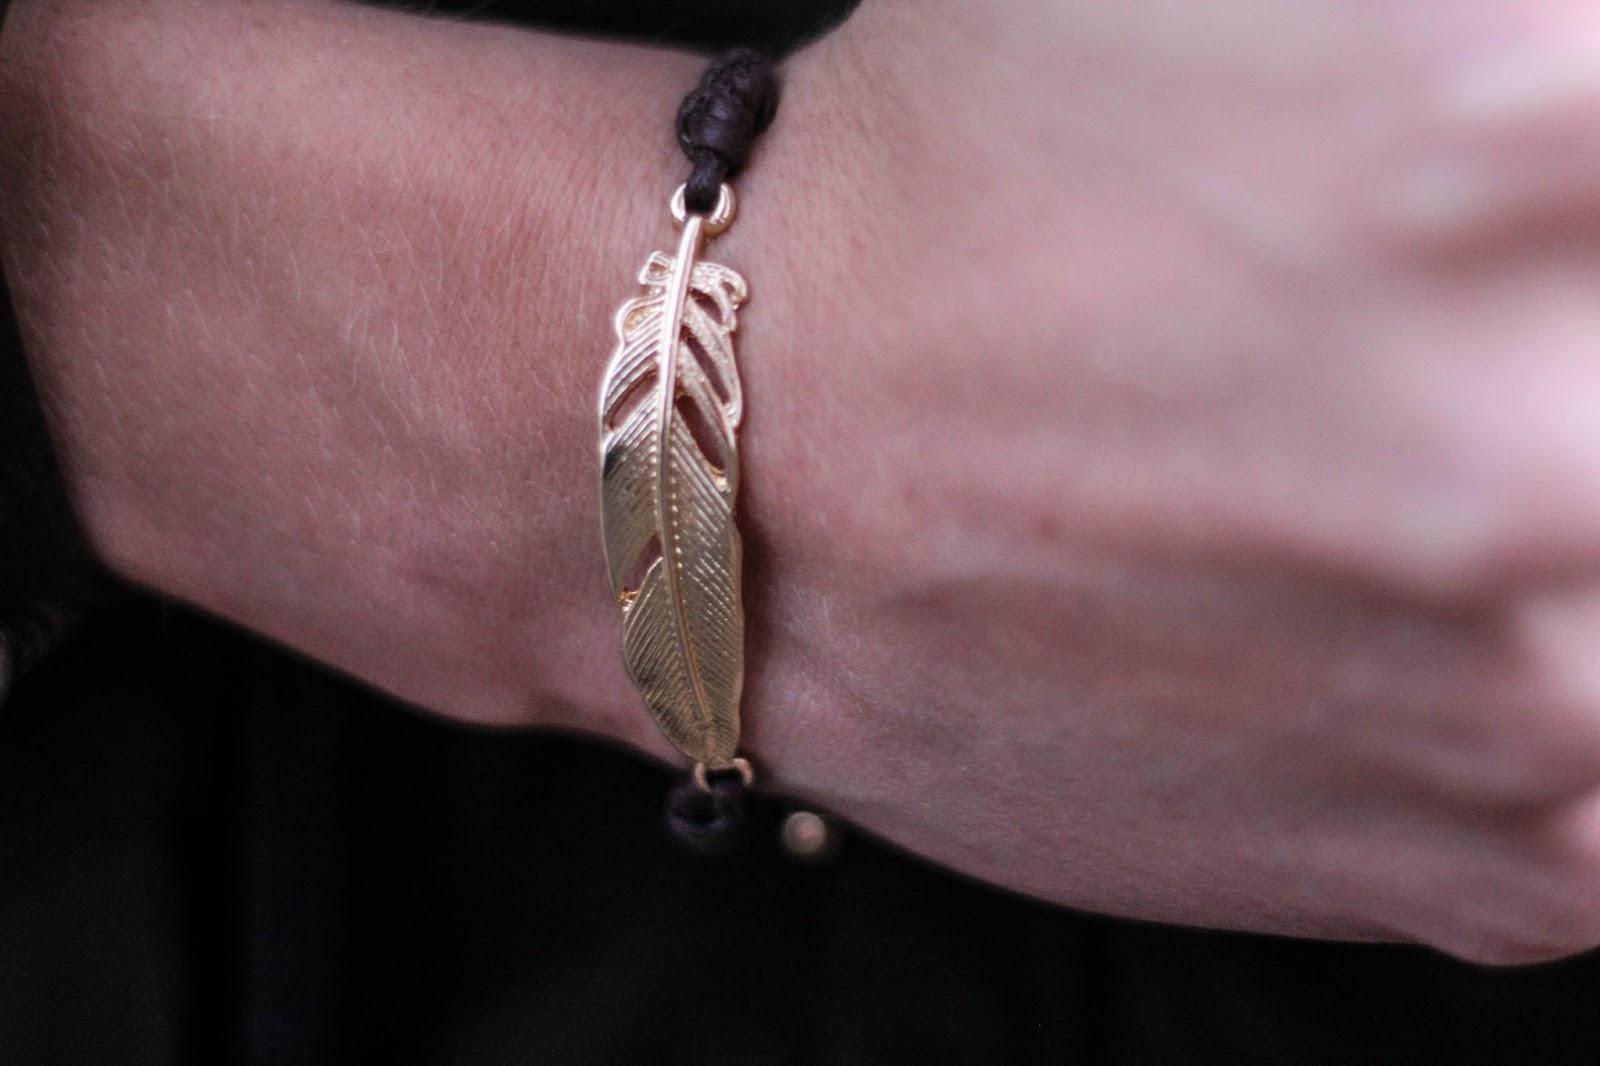 www.dresslily.com/vintage-leaf-rope-bracelet-for-women-product1433130.html?lkid=1502028